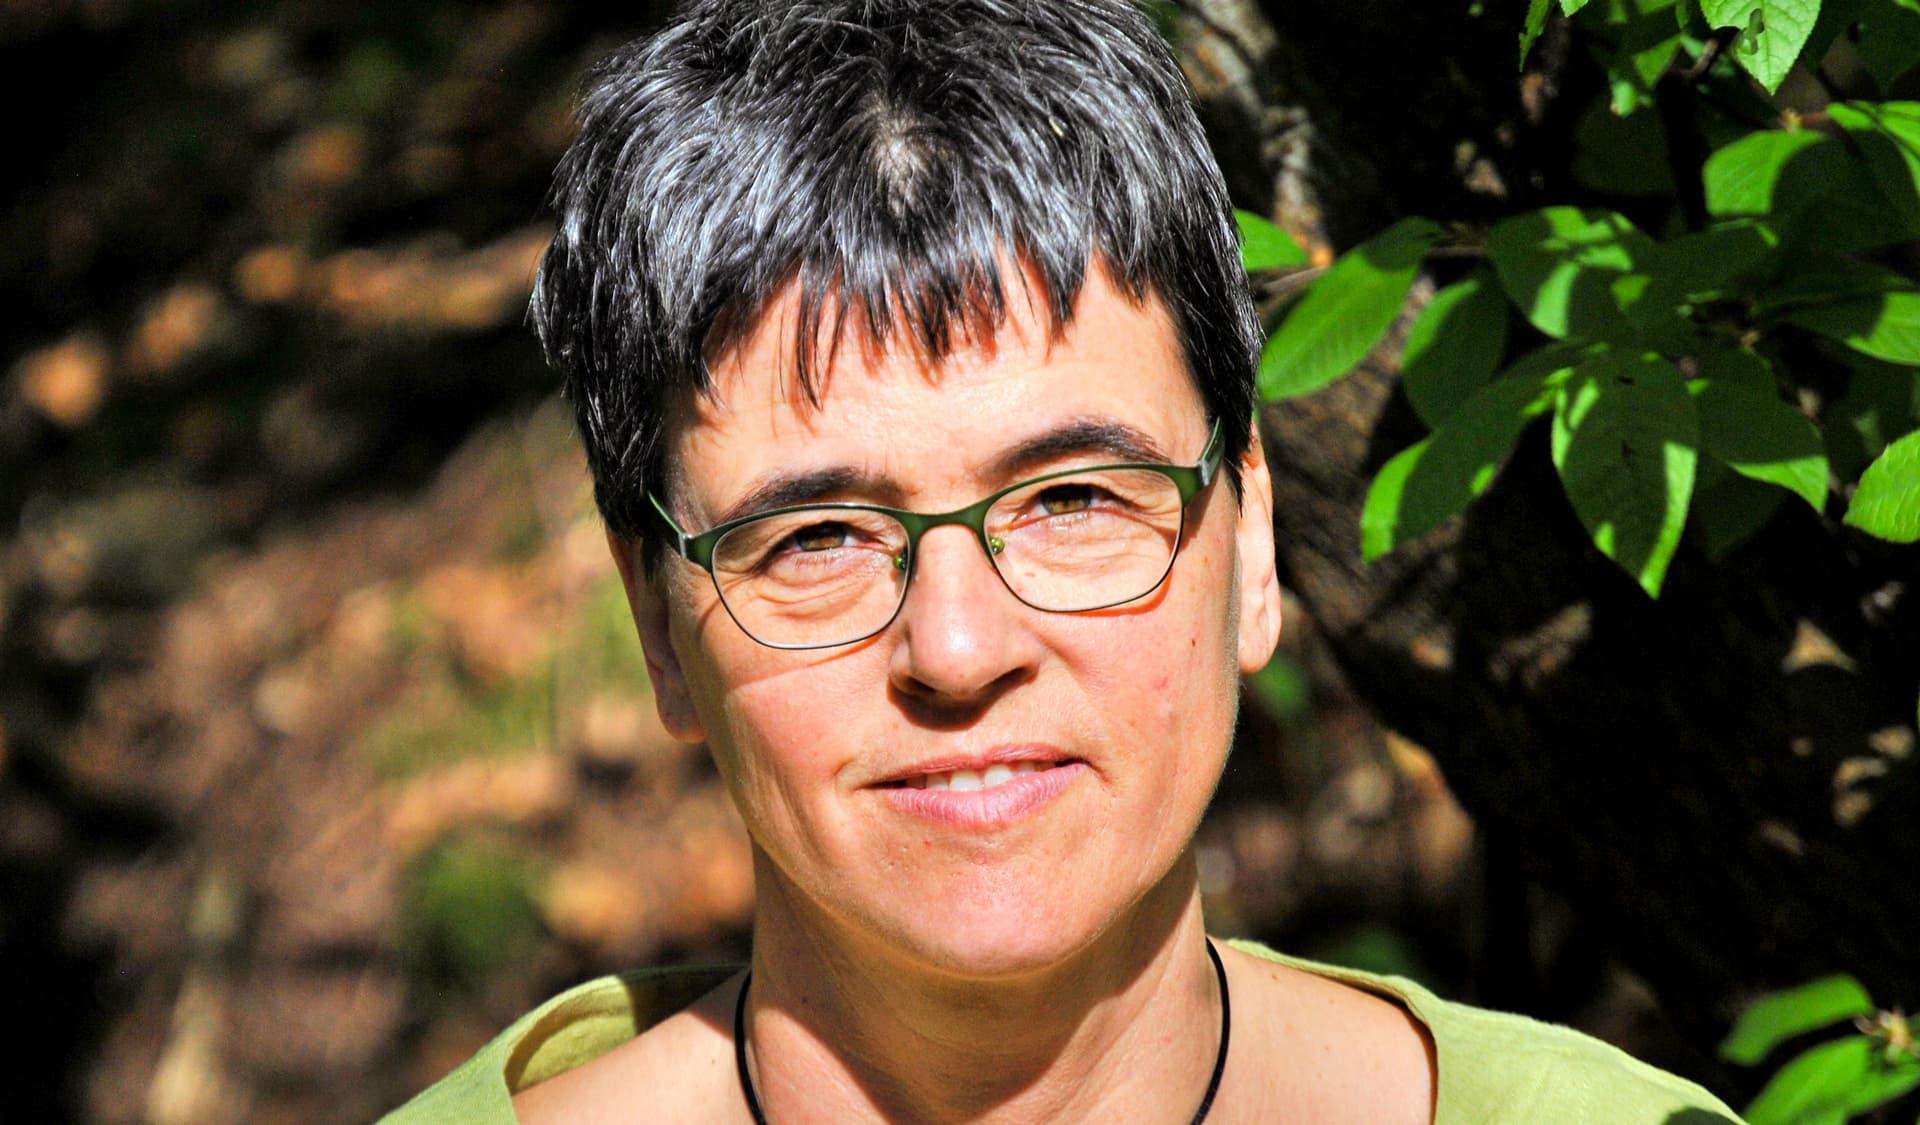 Uta Eser: Frau mit Brille und kurzen schwarzen Haaren